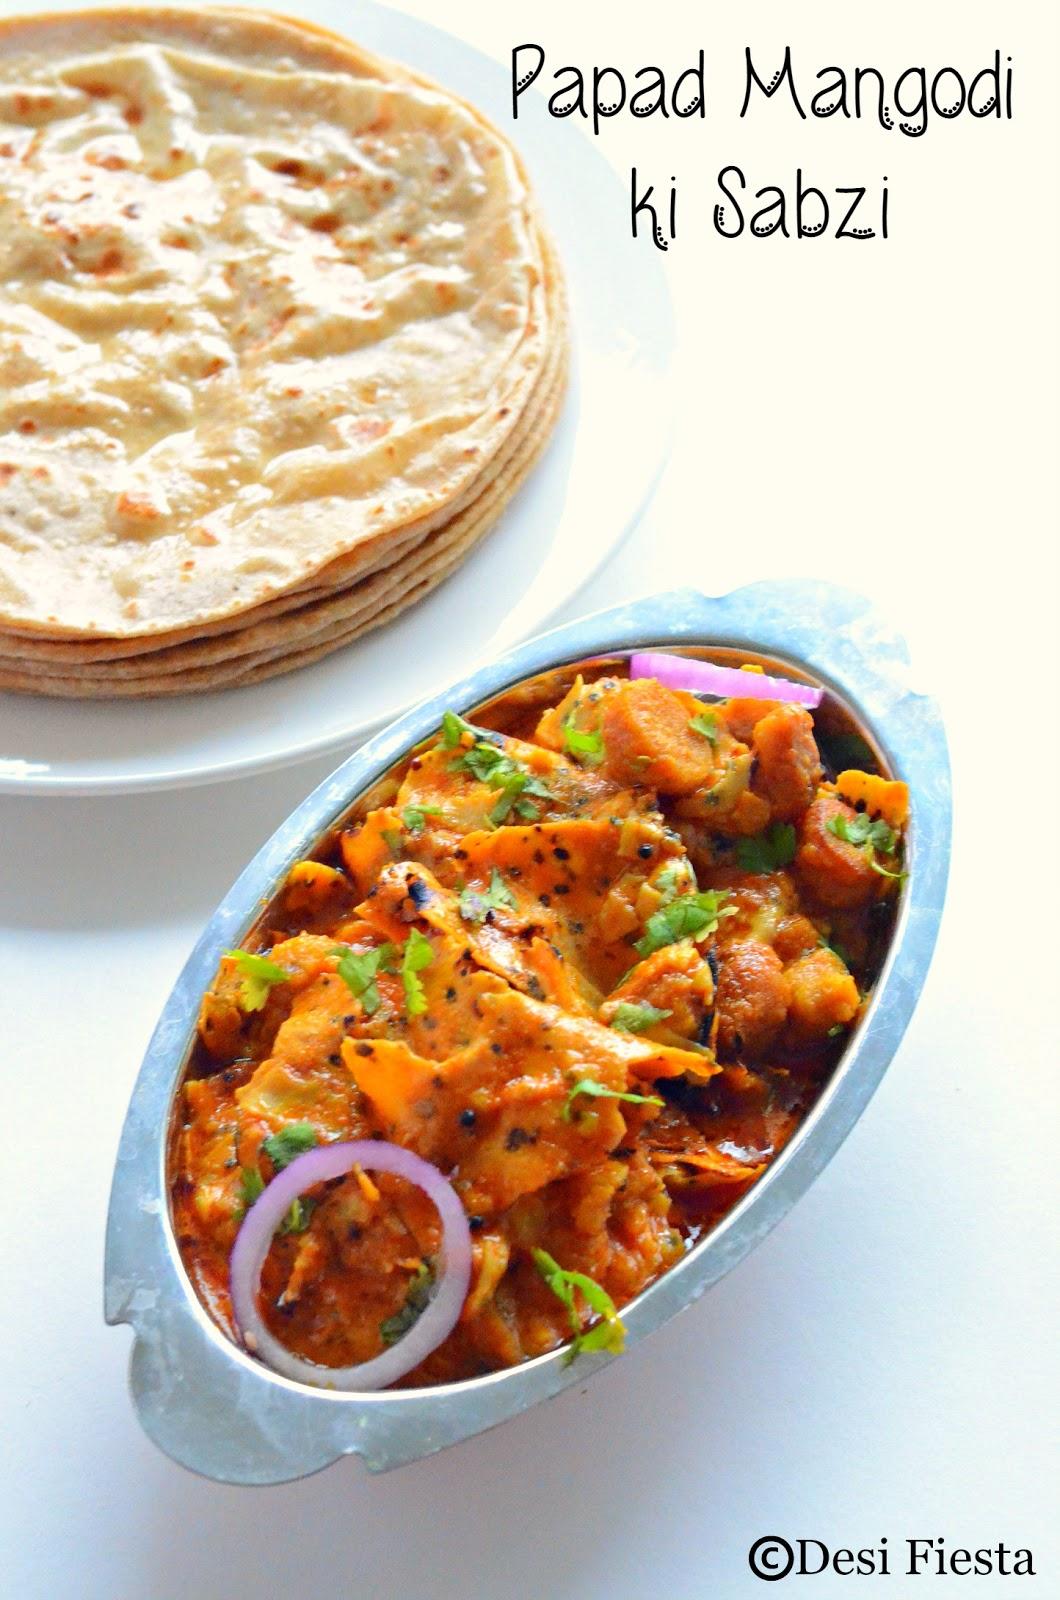 Shekhawati Cuisine